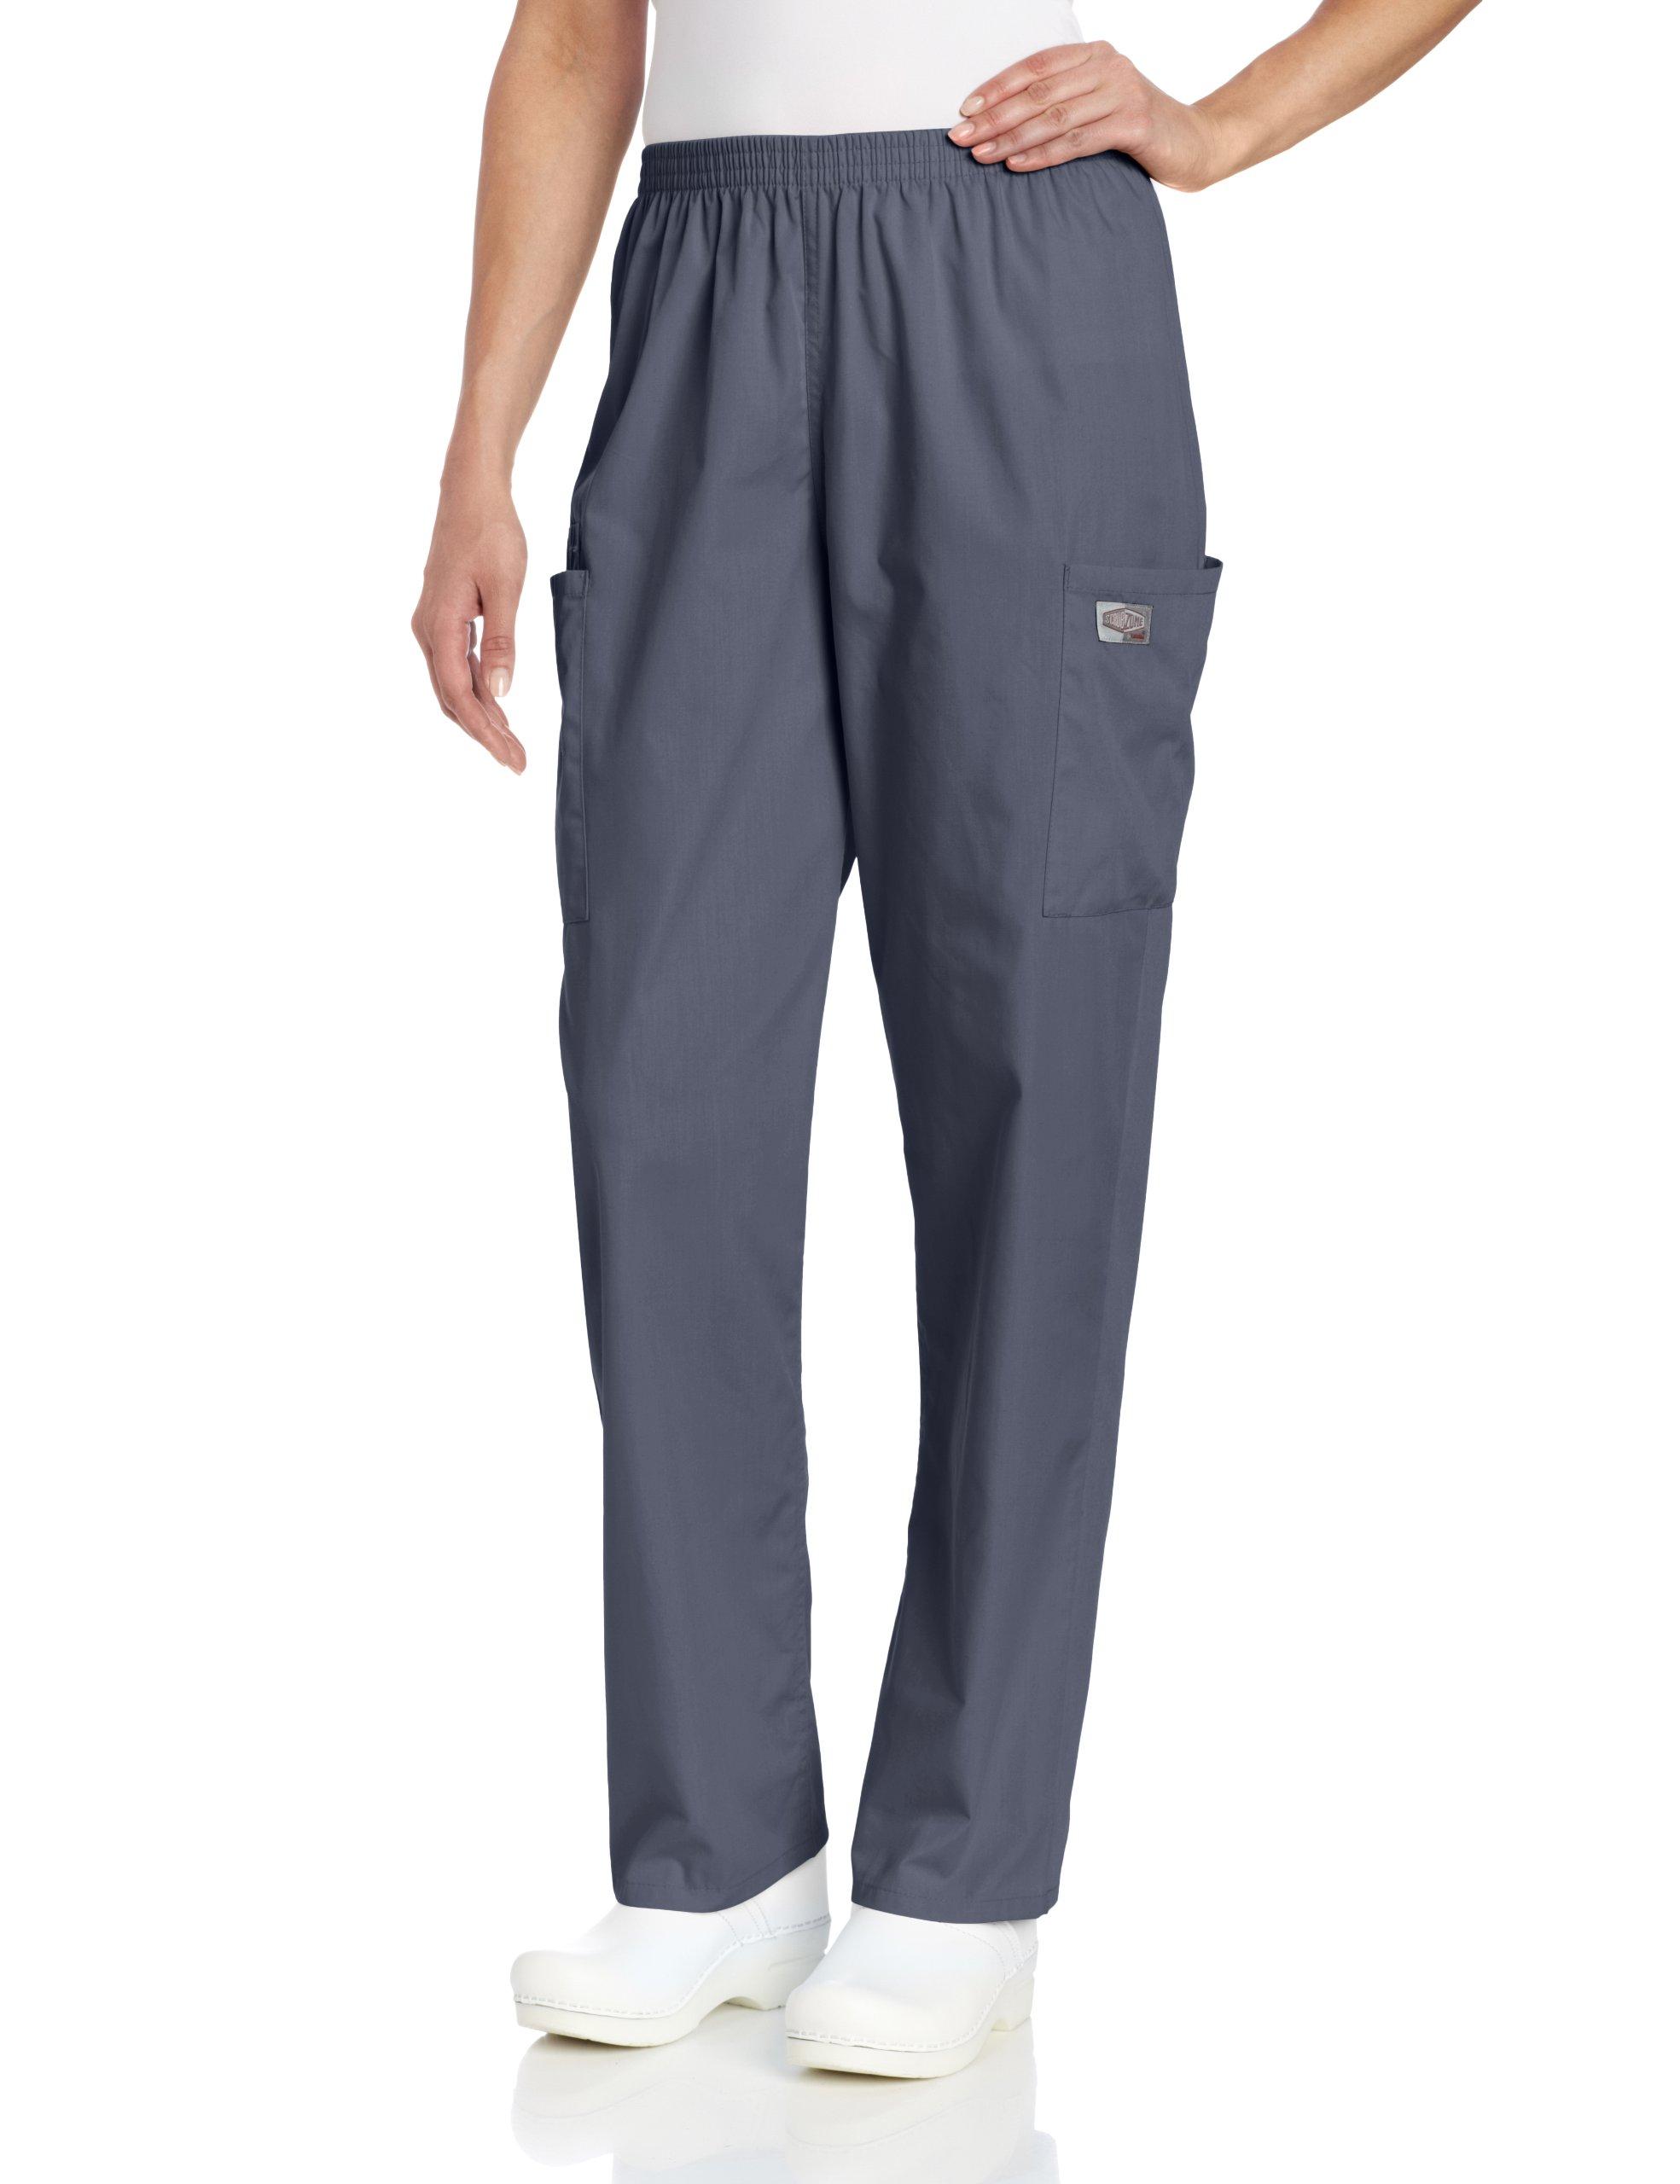 Landau ScrubZone Women's Full Elastic Waist Cargo Scrub Pant, Grey, Petite 3X